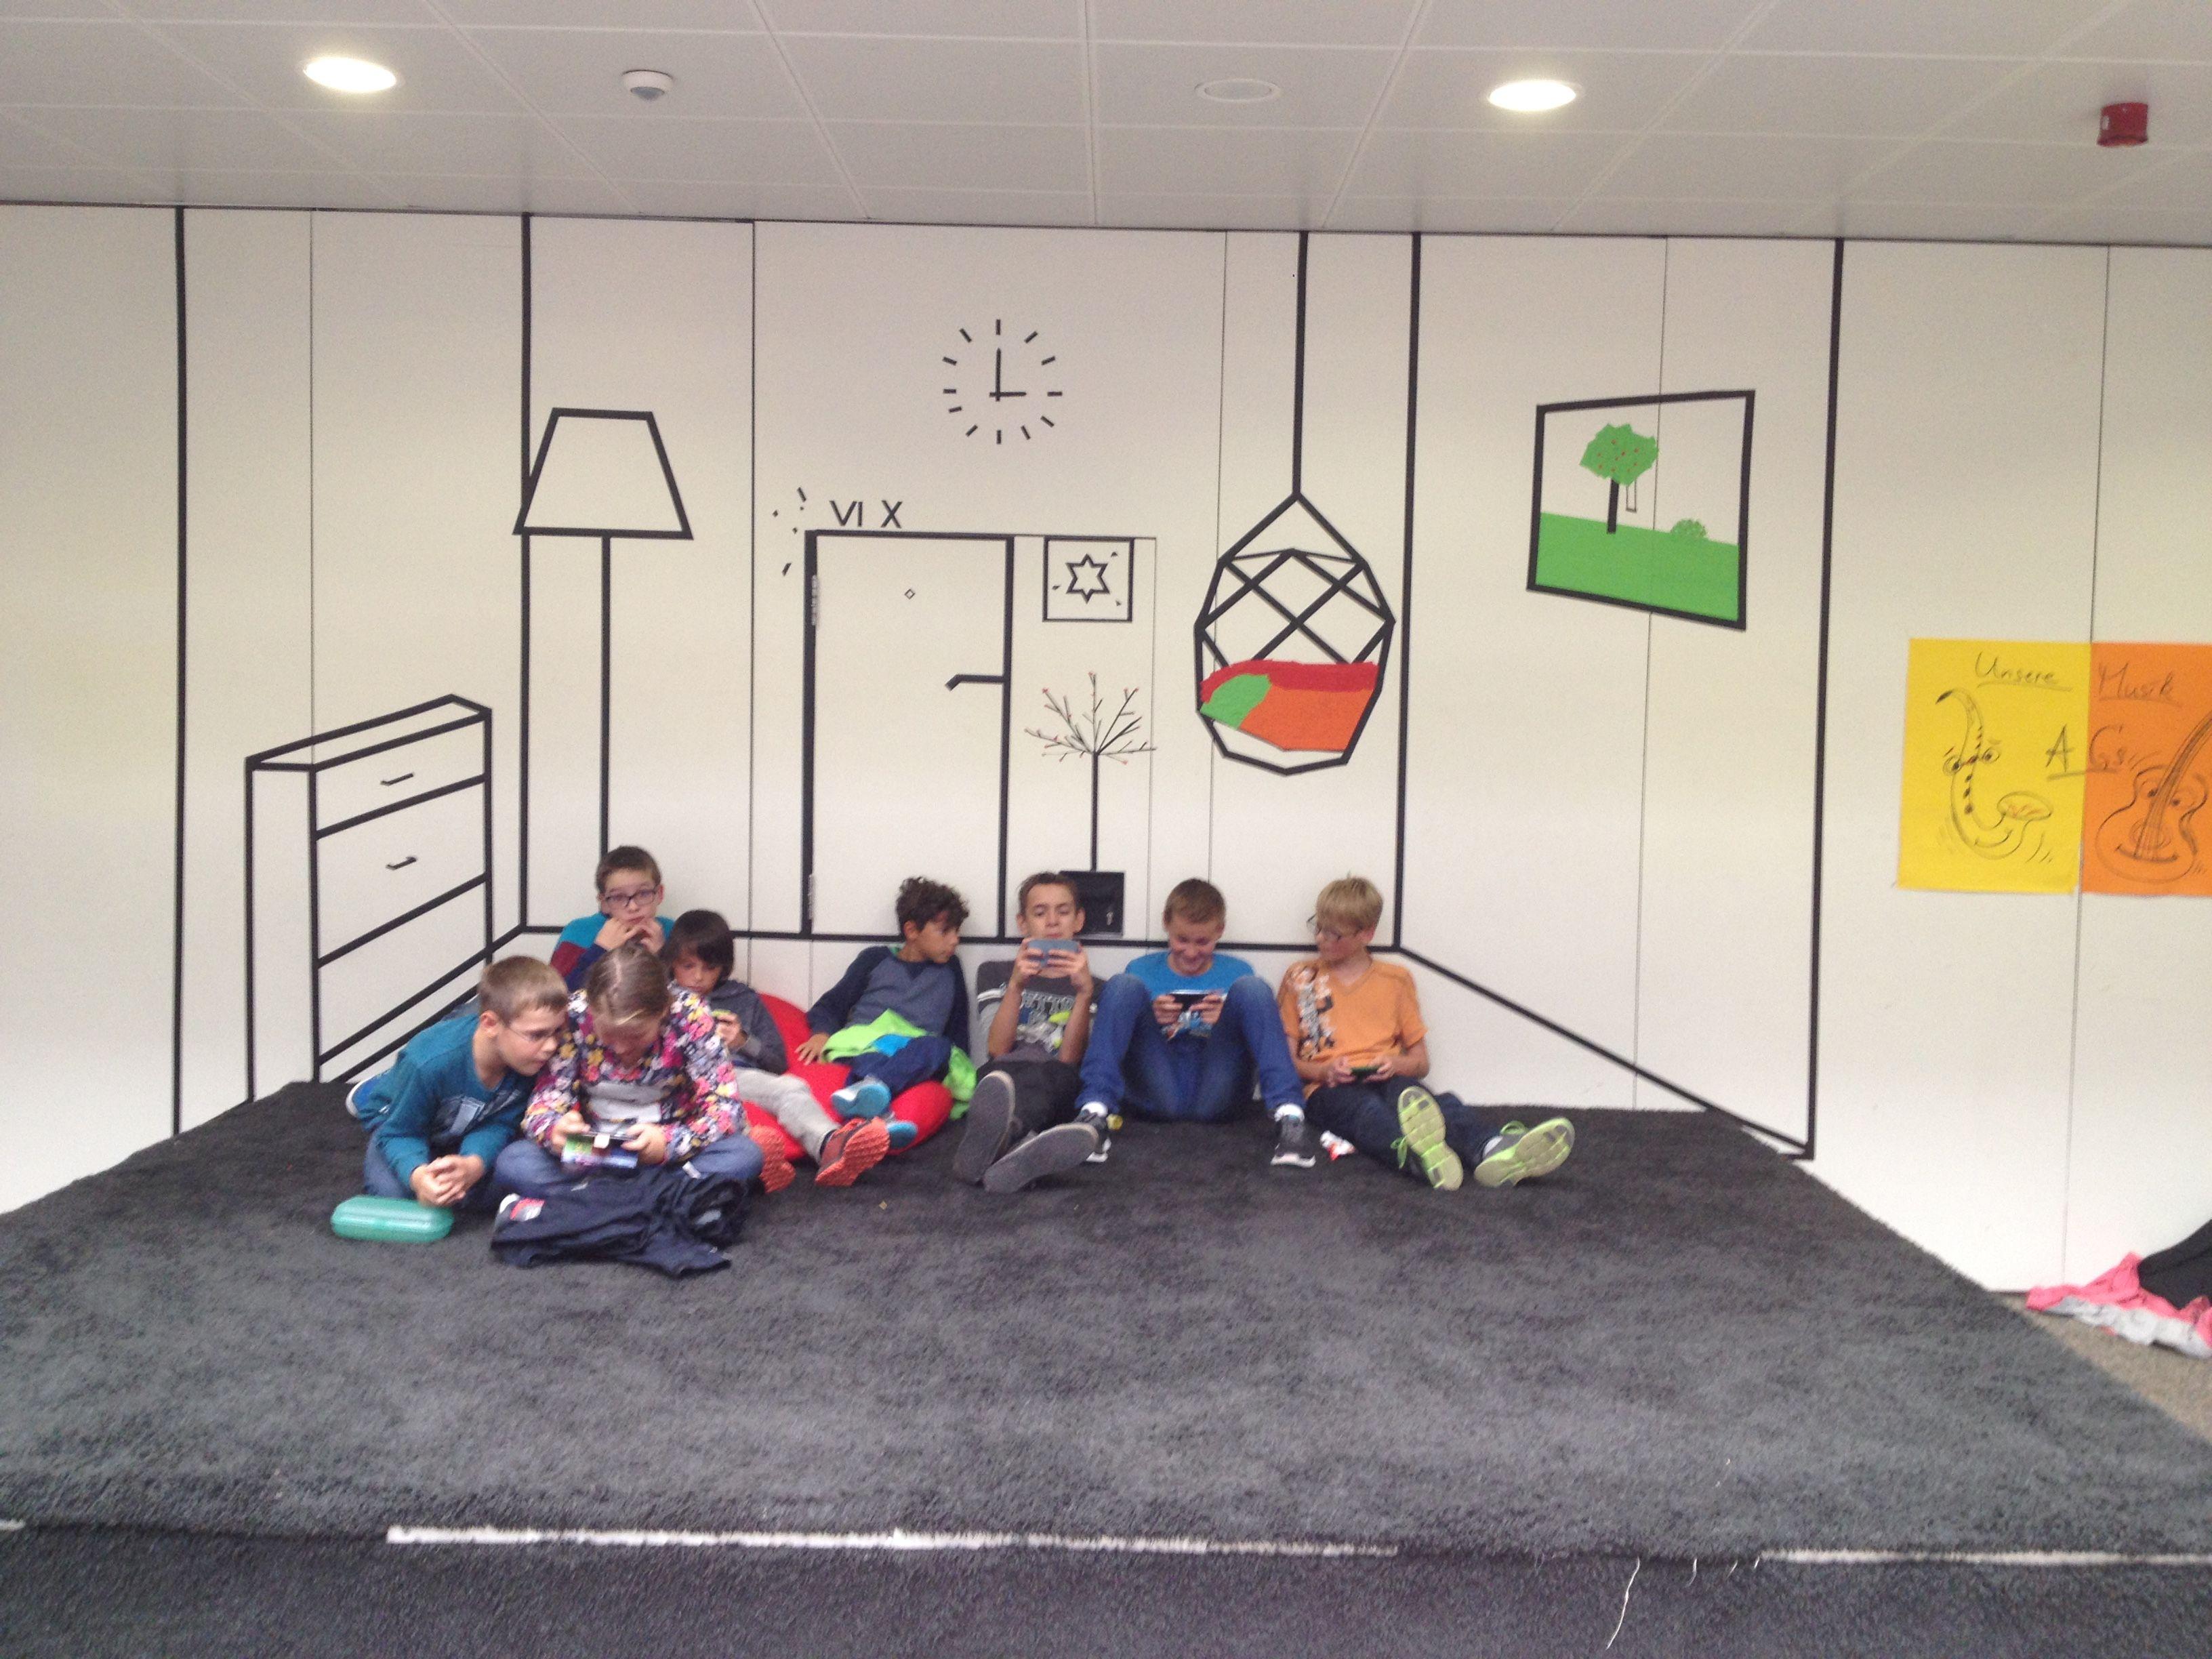 Tape art gemeinschaftsschule graf soden friedrichshafen 9 for Raumgestaltung schule